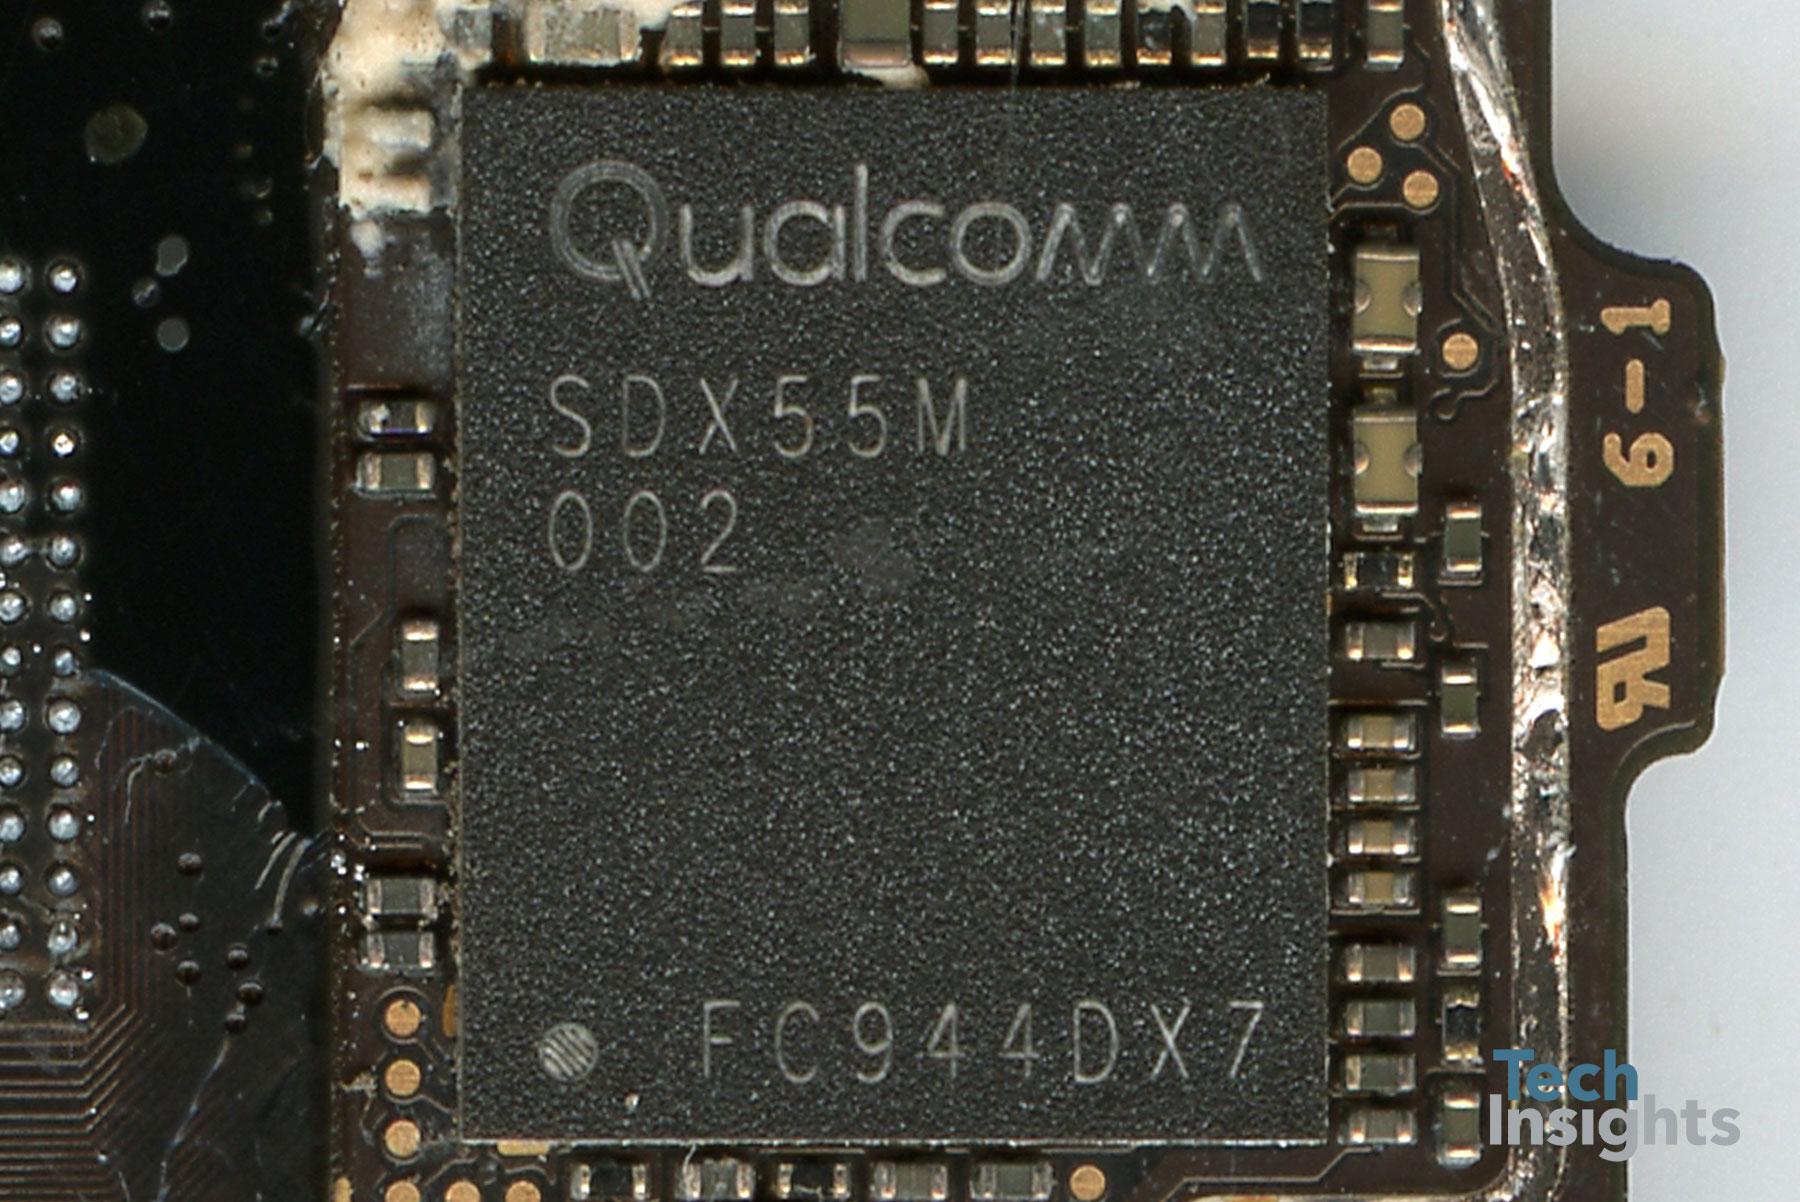 SDX55